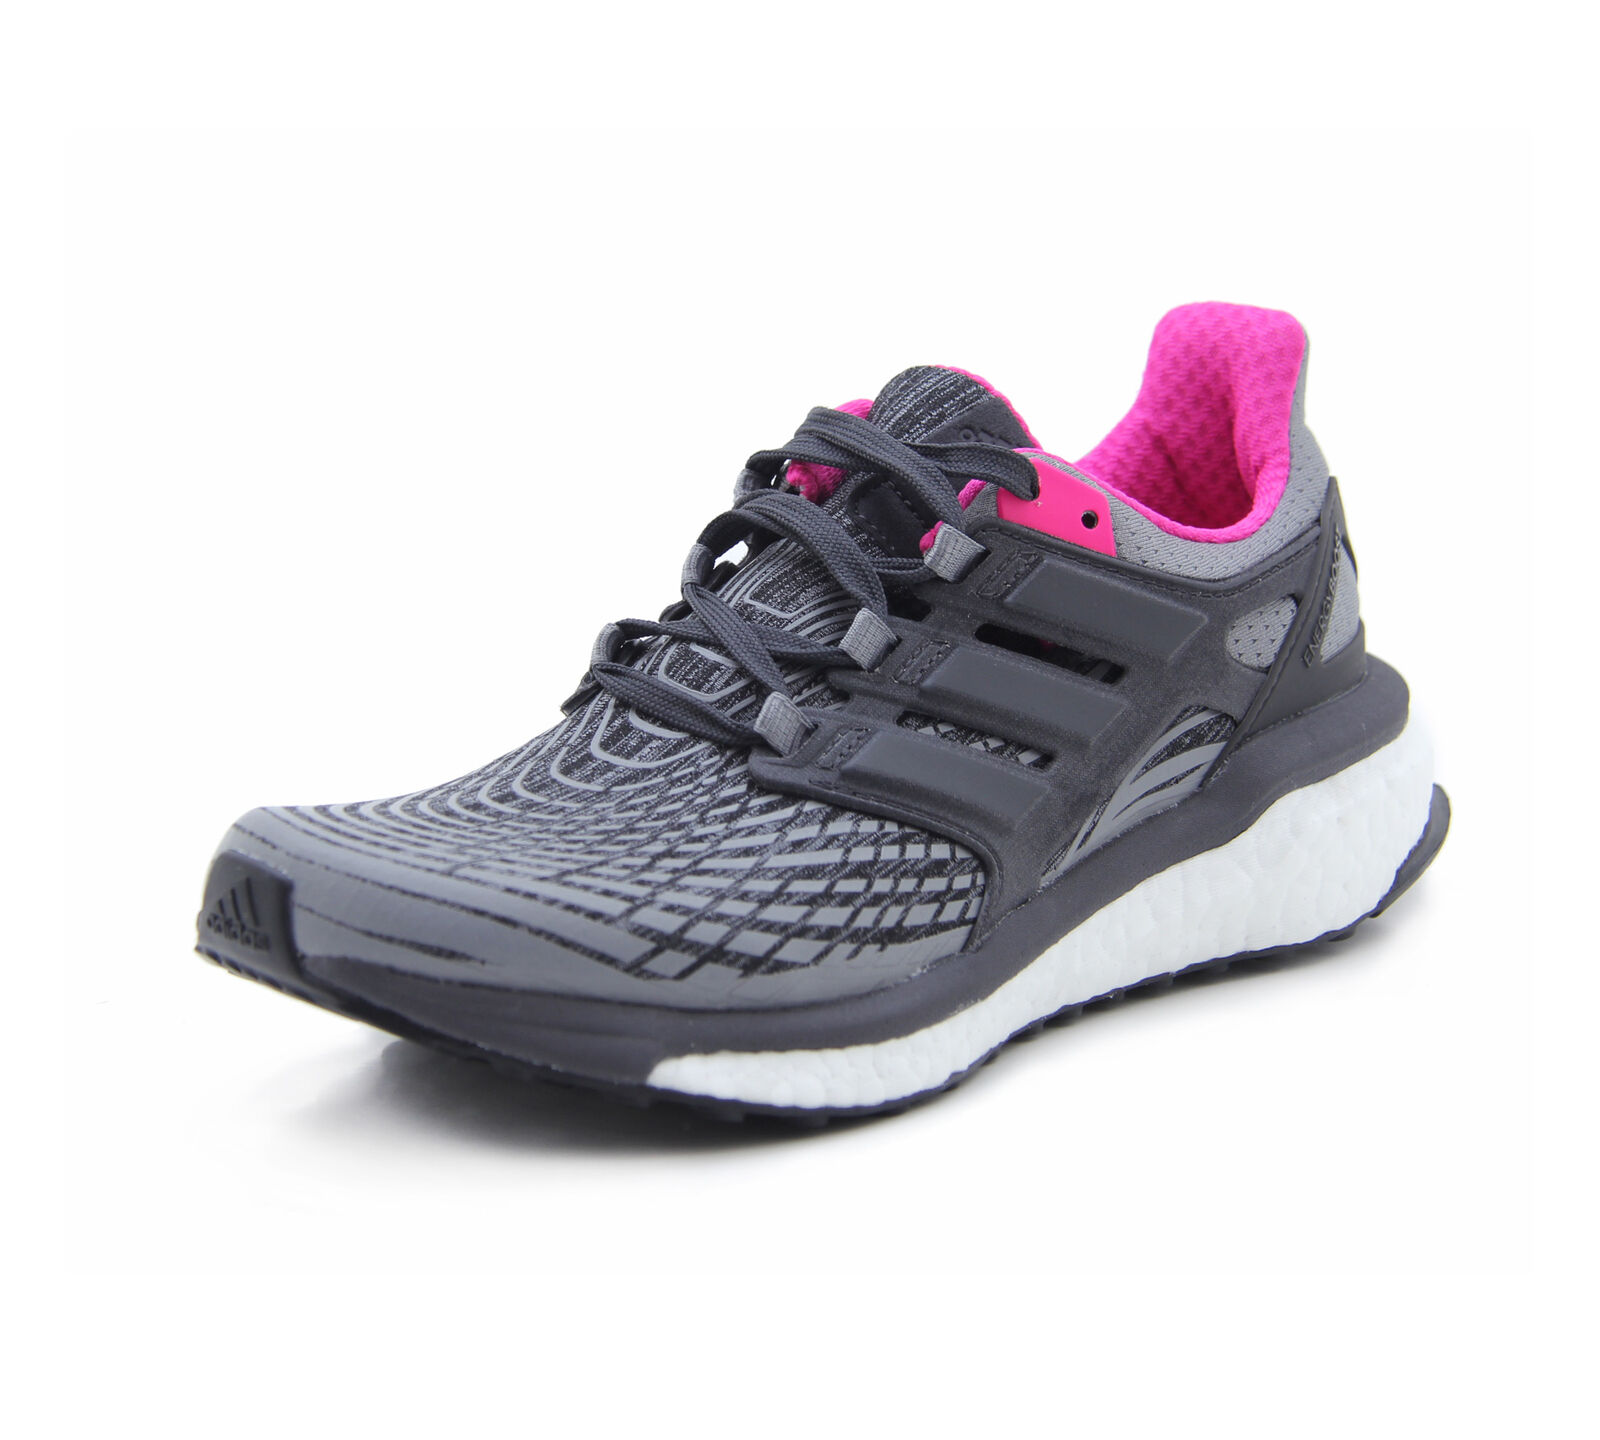 NEW Adidas Energy Boost W Grey/Black-Pink BB3456